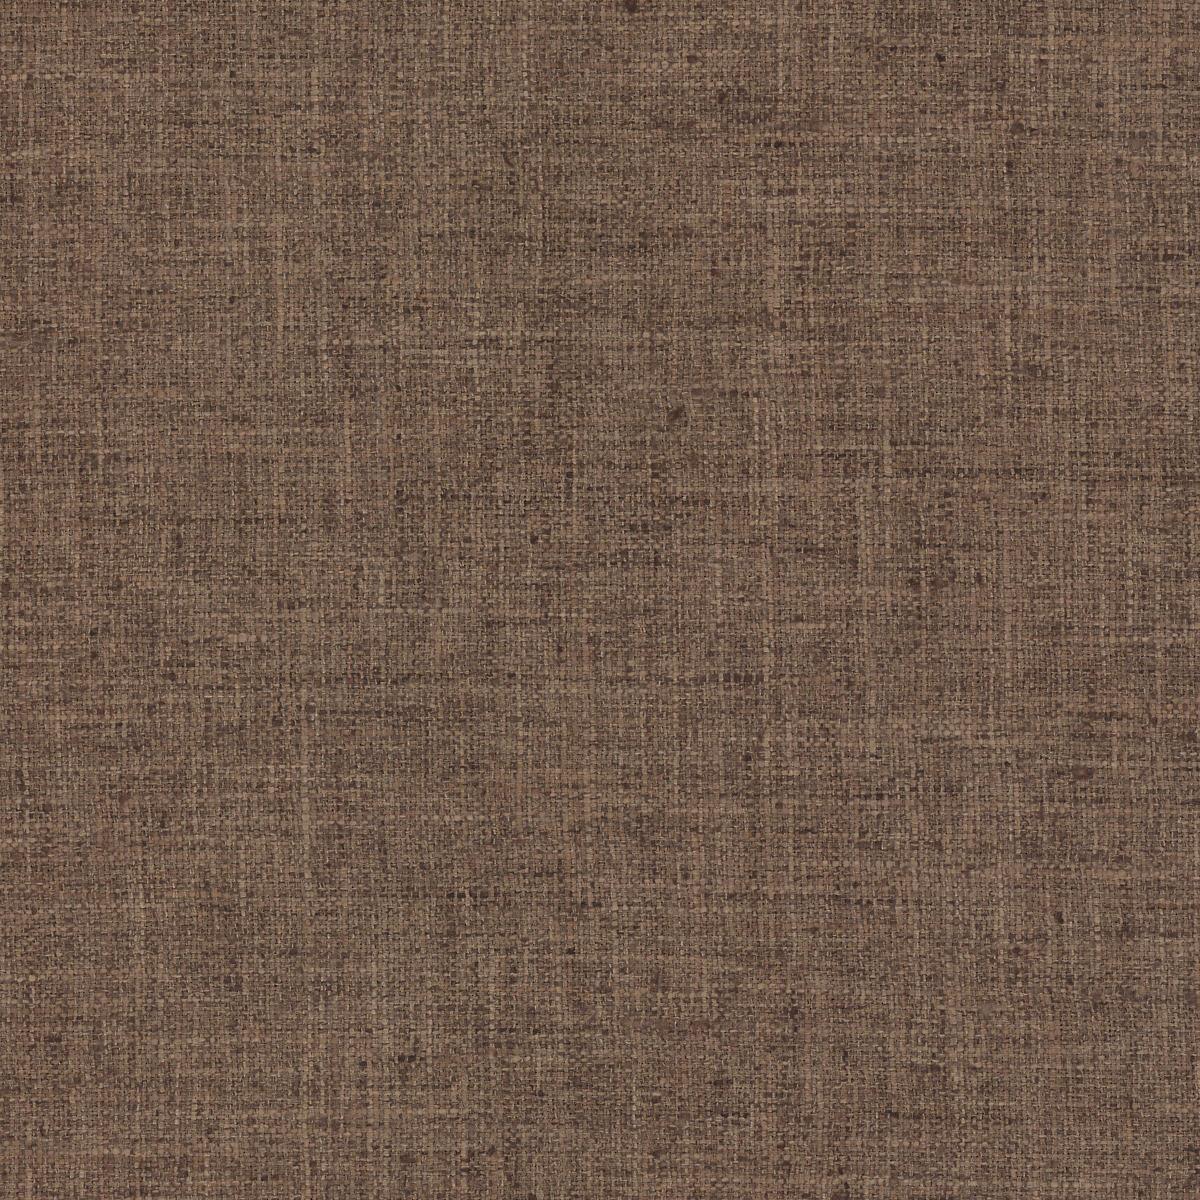 Greylock Brown Indoor/Outdoor Fabric